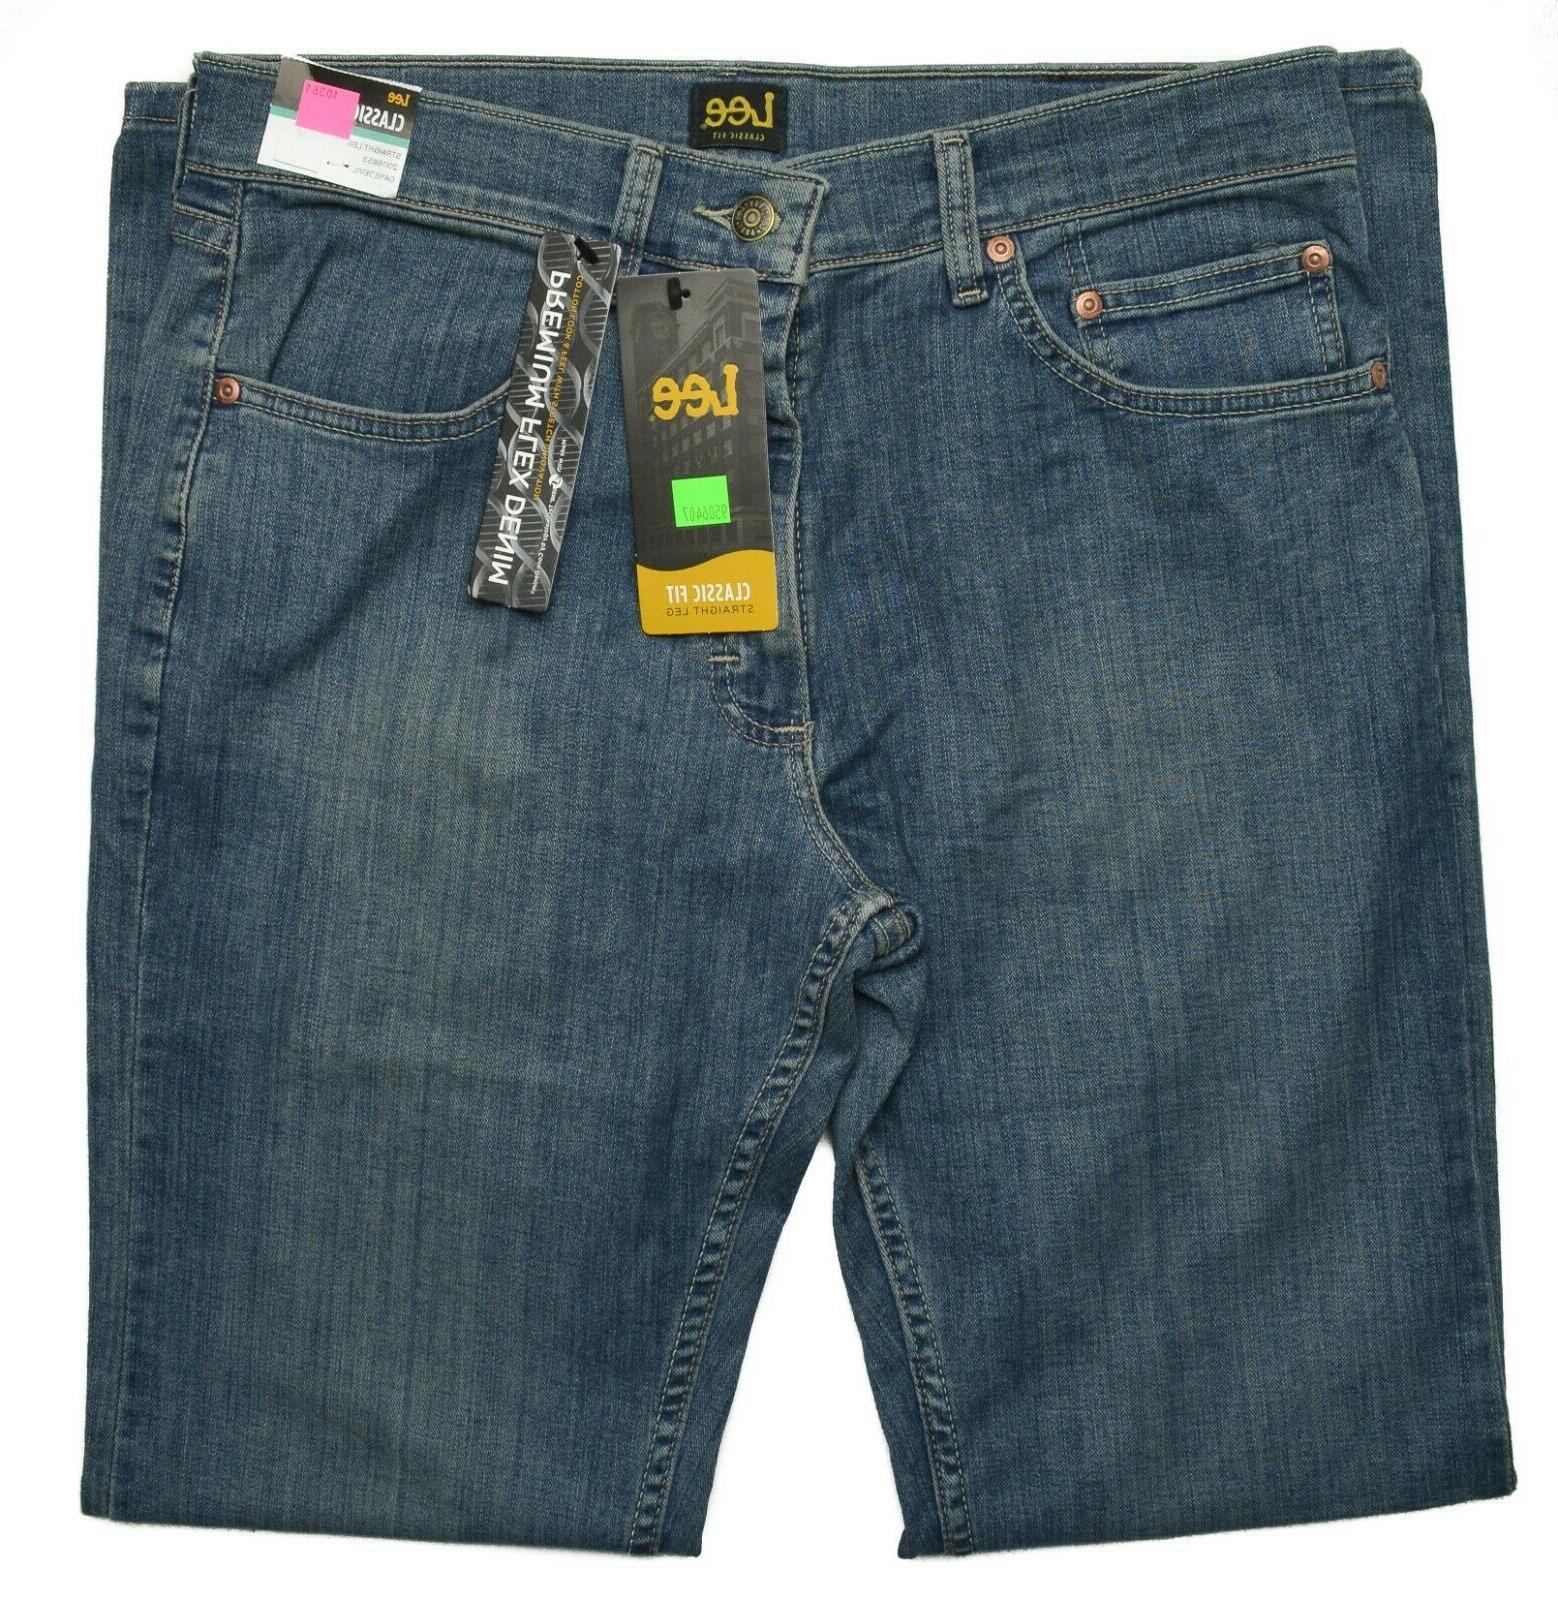 Lee #10361 Men's Classic Straight Leg Premium Flex Denim